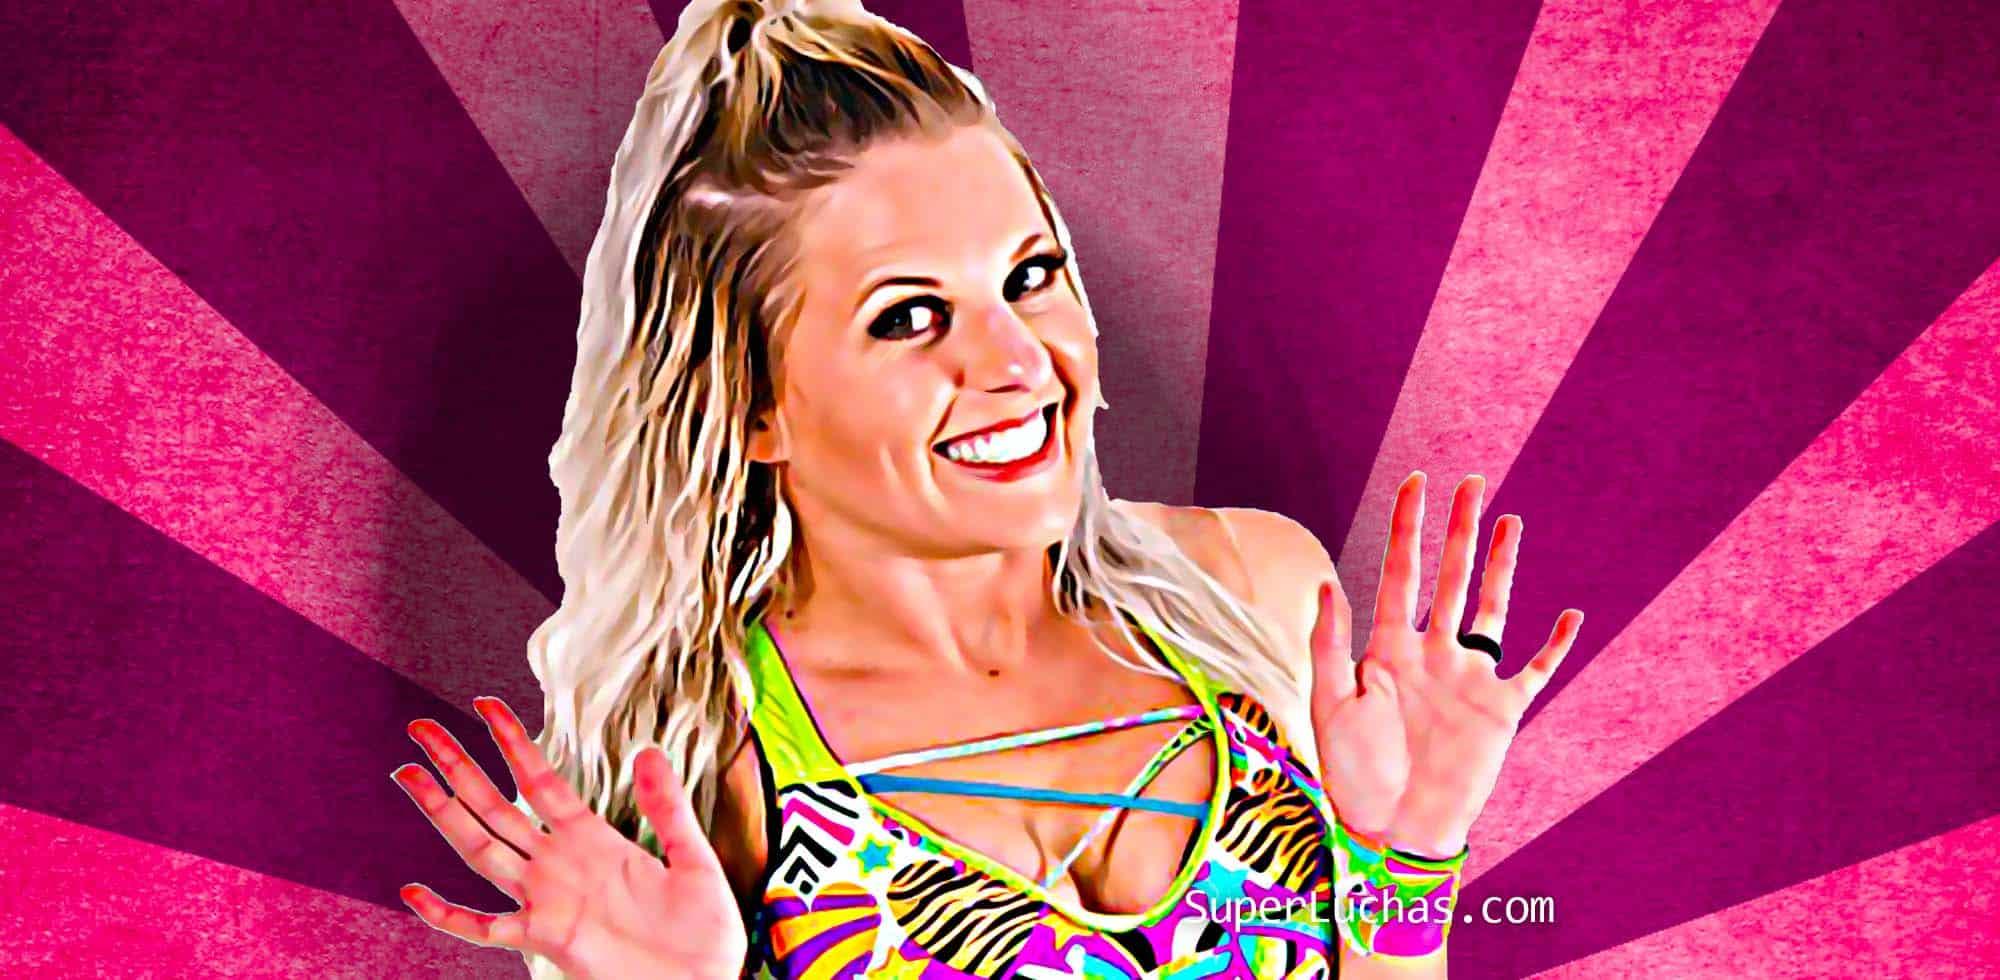 La bella Candice LeRae llegaría pronto a WWE 1